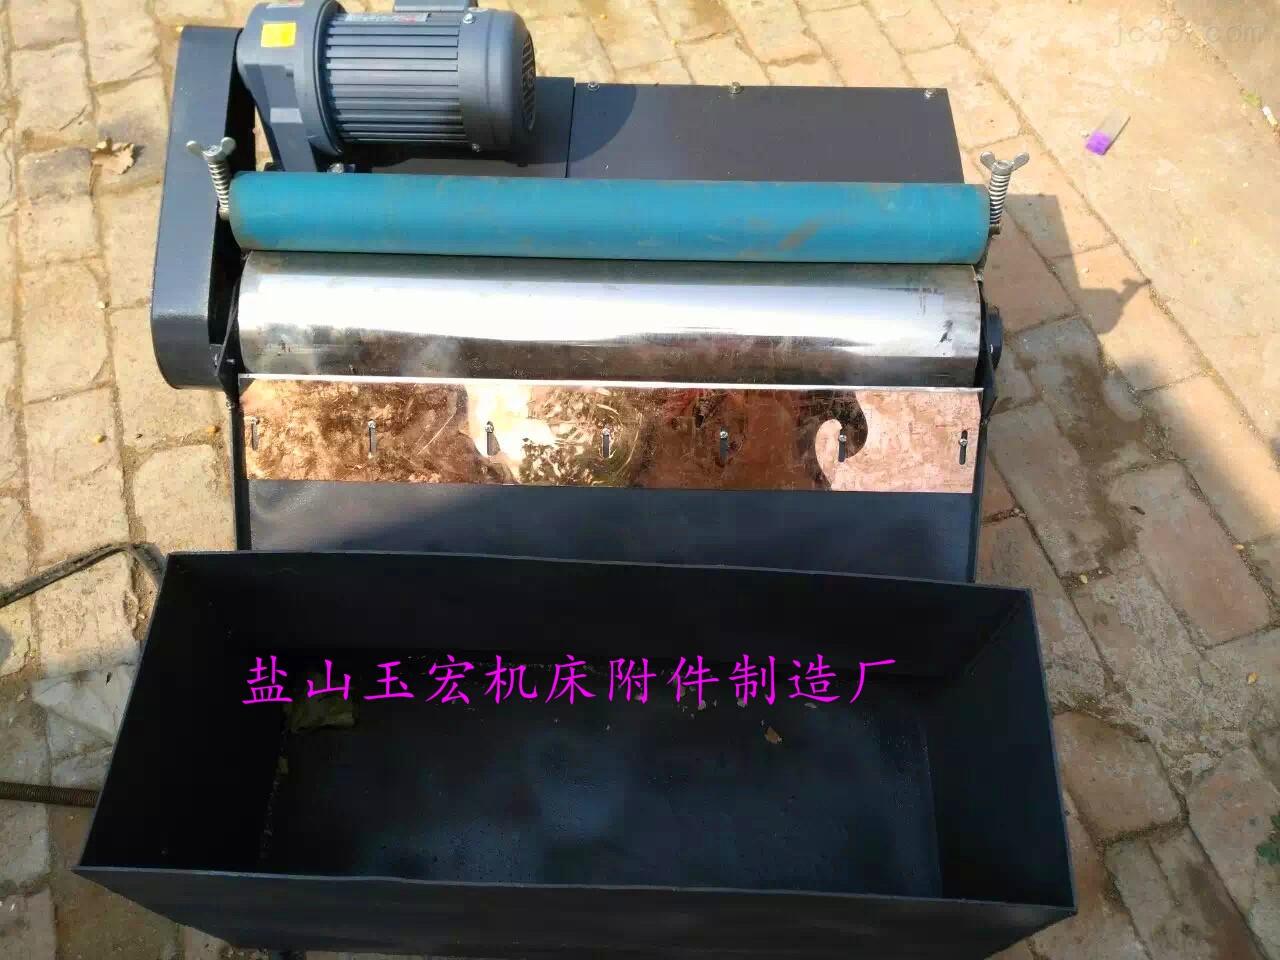 刀具磨床专用磁性分离器